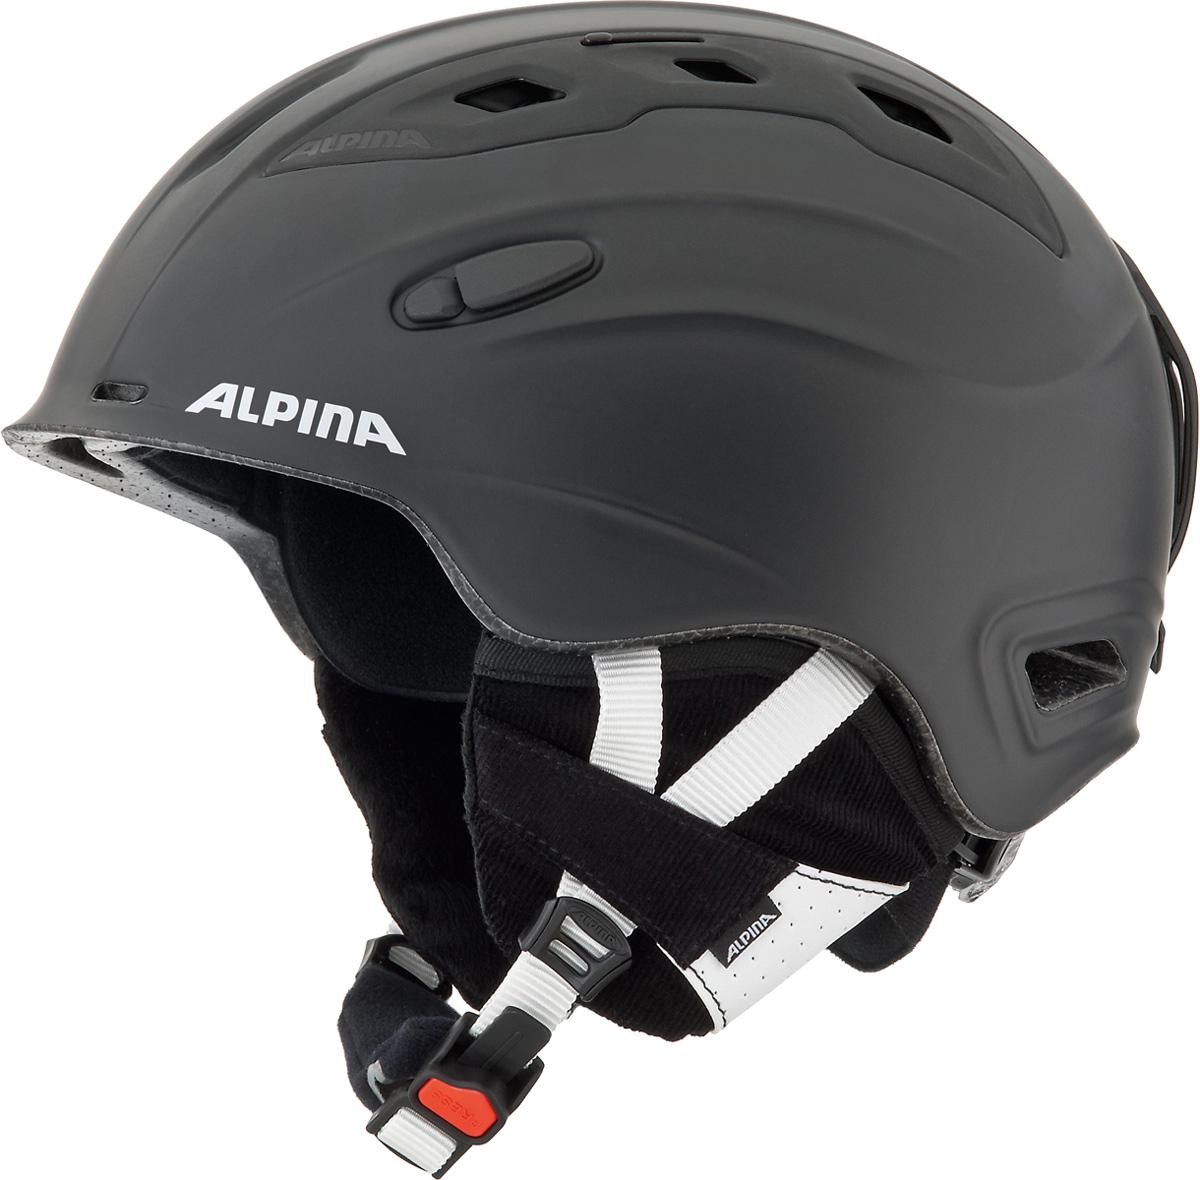 Шлем горнолыжный Alpina Snow Mythos, цвет: черный. A9062_31. Размер 58-61 бензопила alpina серия black a 4500 18